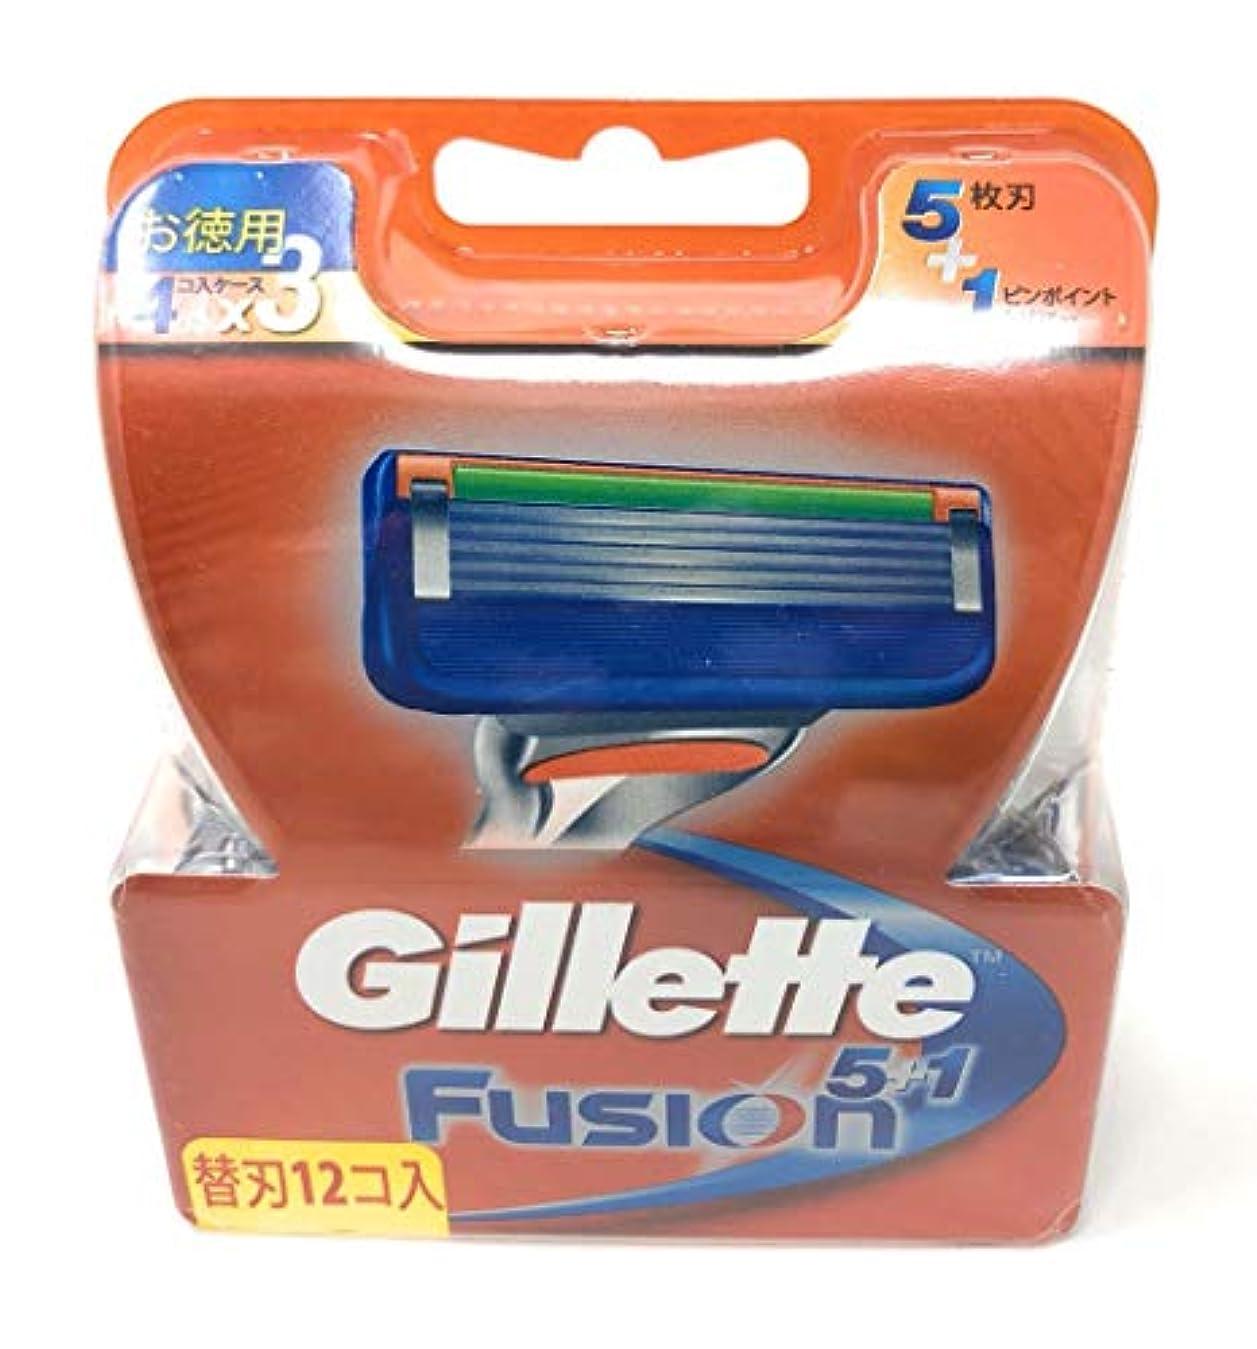 ロープスワップ内側ジレット フュージョン5+1 マニュアル 髭剃り 替刃 12コ入 (景品付き)